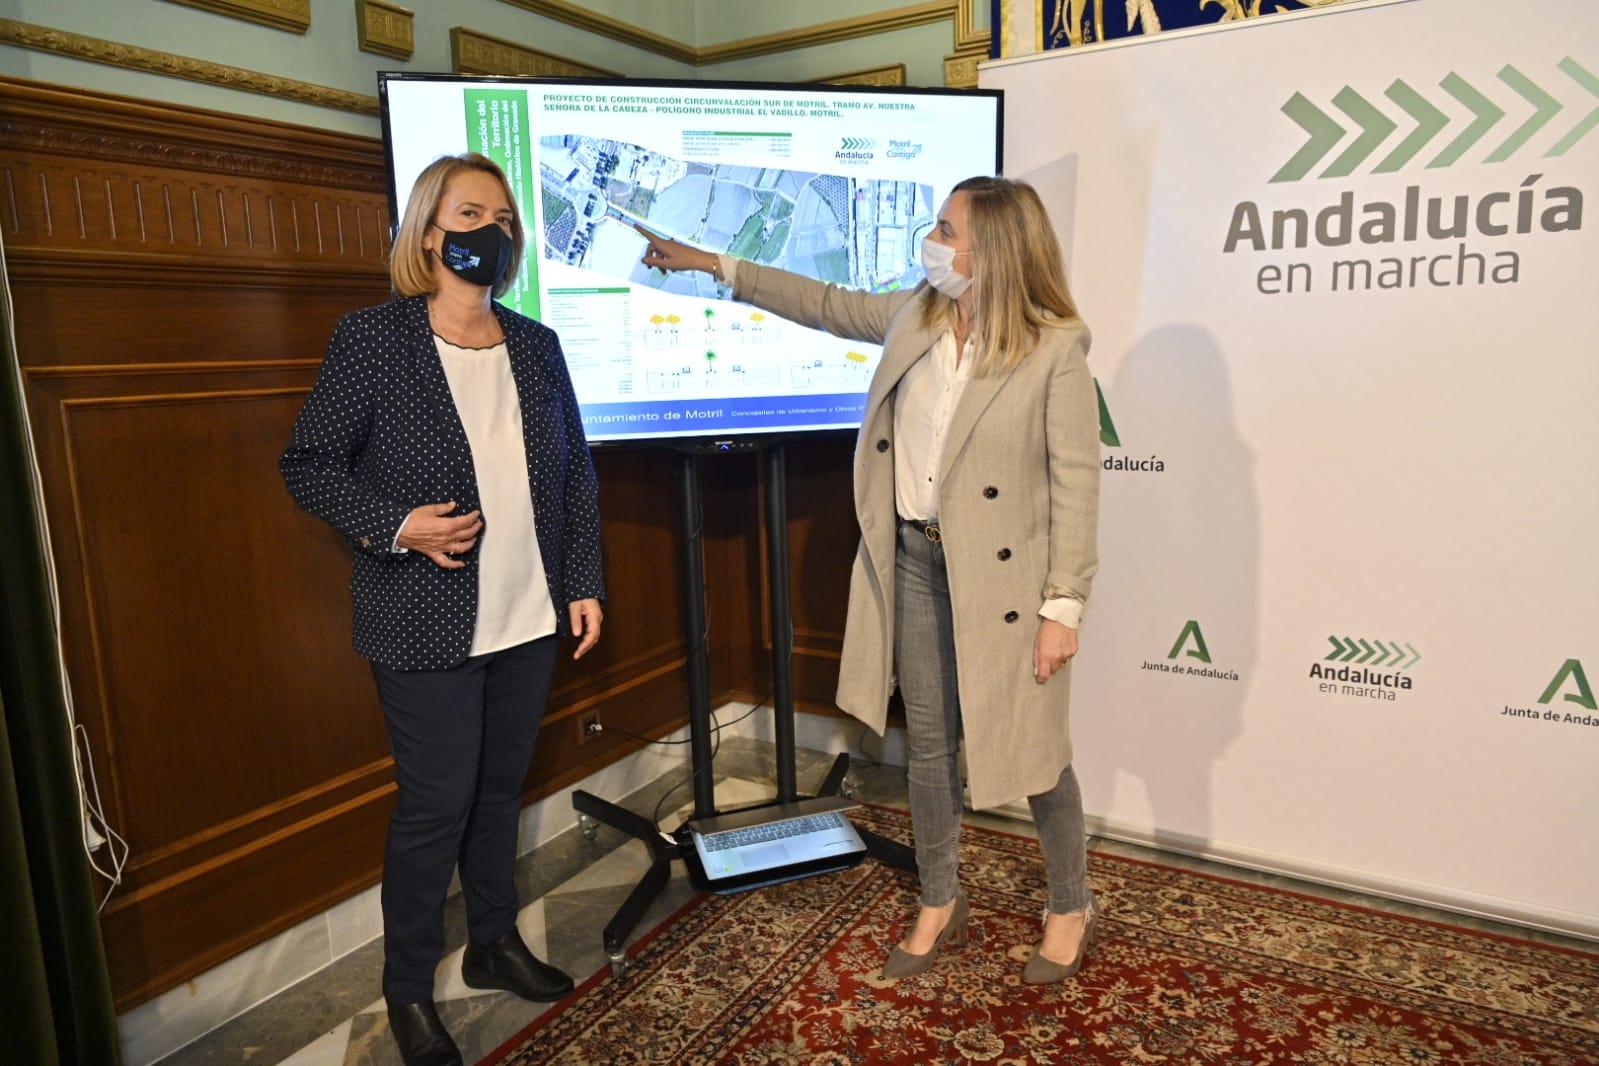 La alcaldesa de Motril junto a la consejera de Fomento durante la presentación del proyecto.